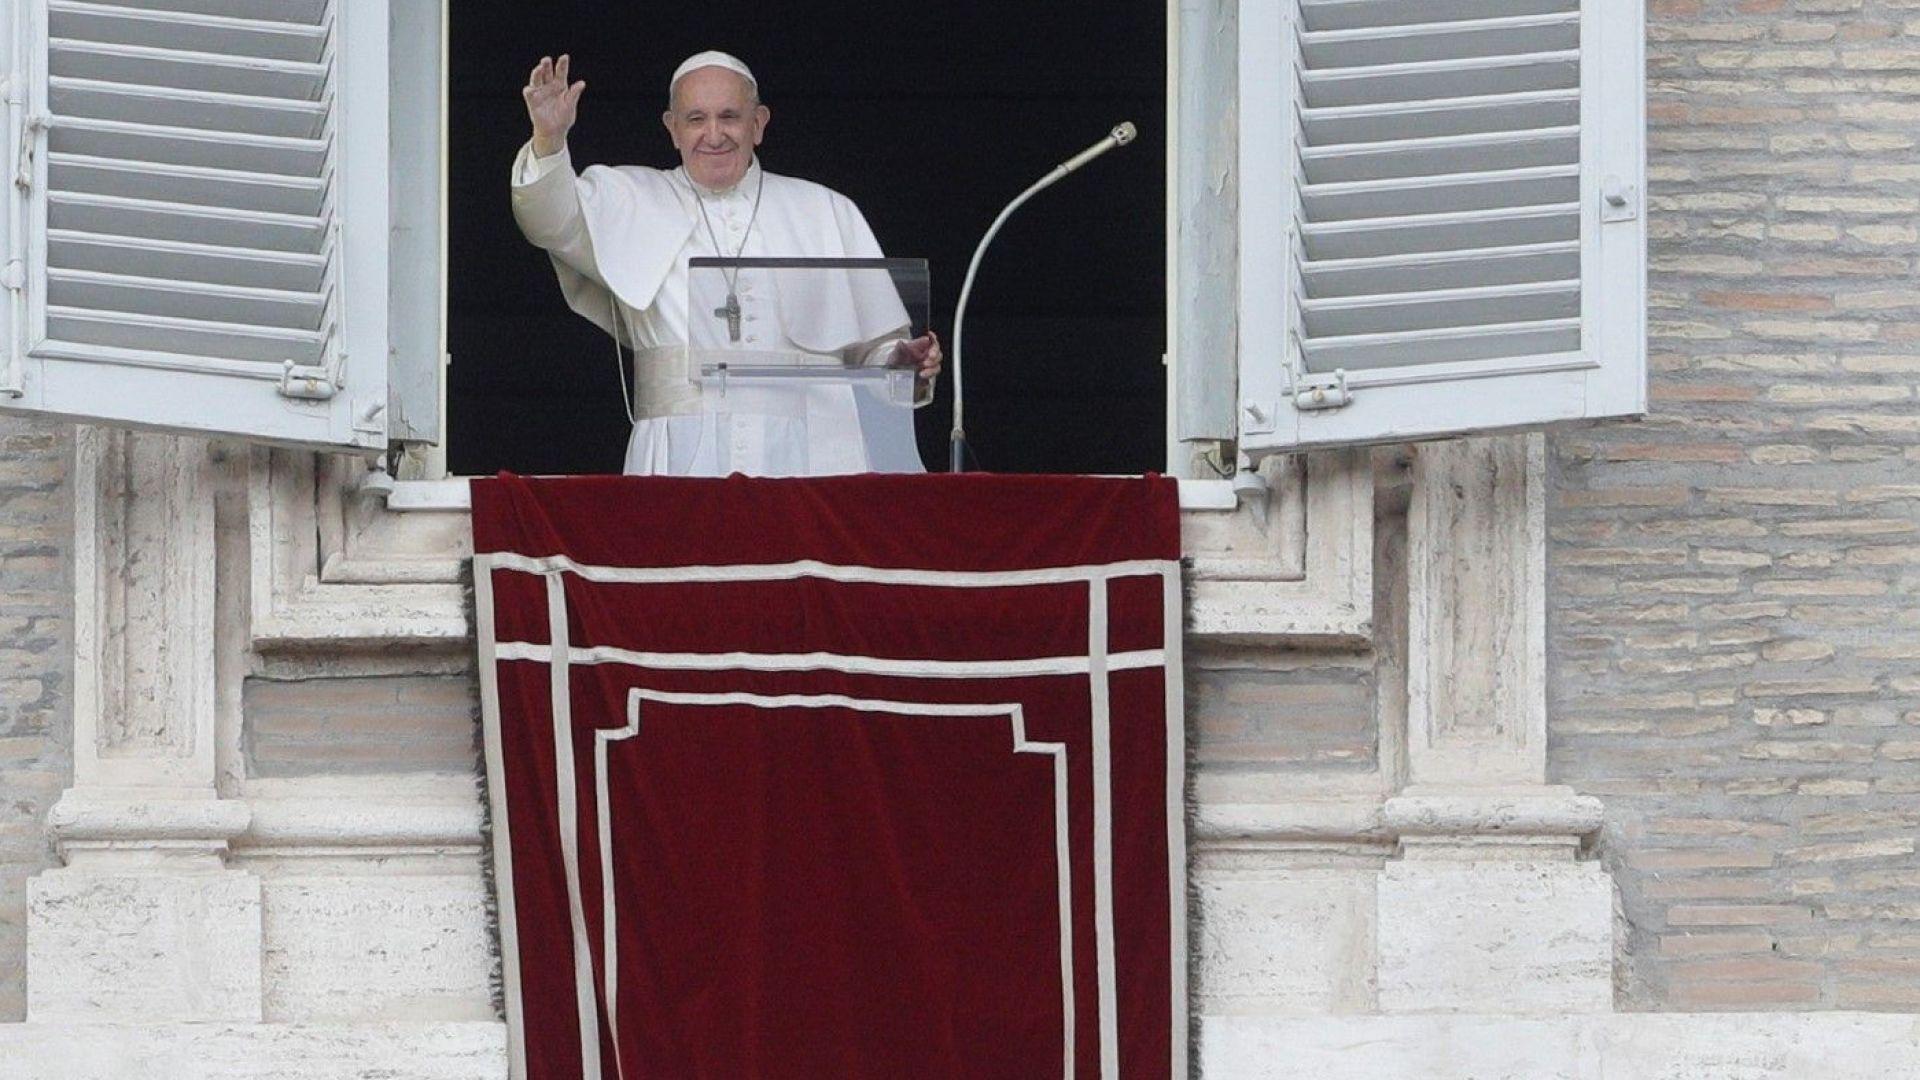 Трябват бързи и решителни действия, за да не умират повече мигранти в морето, каза папата